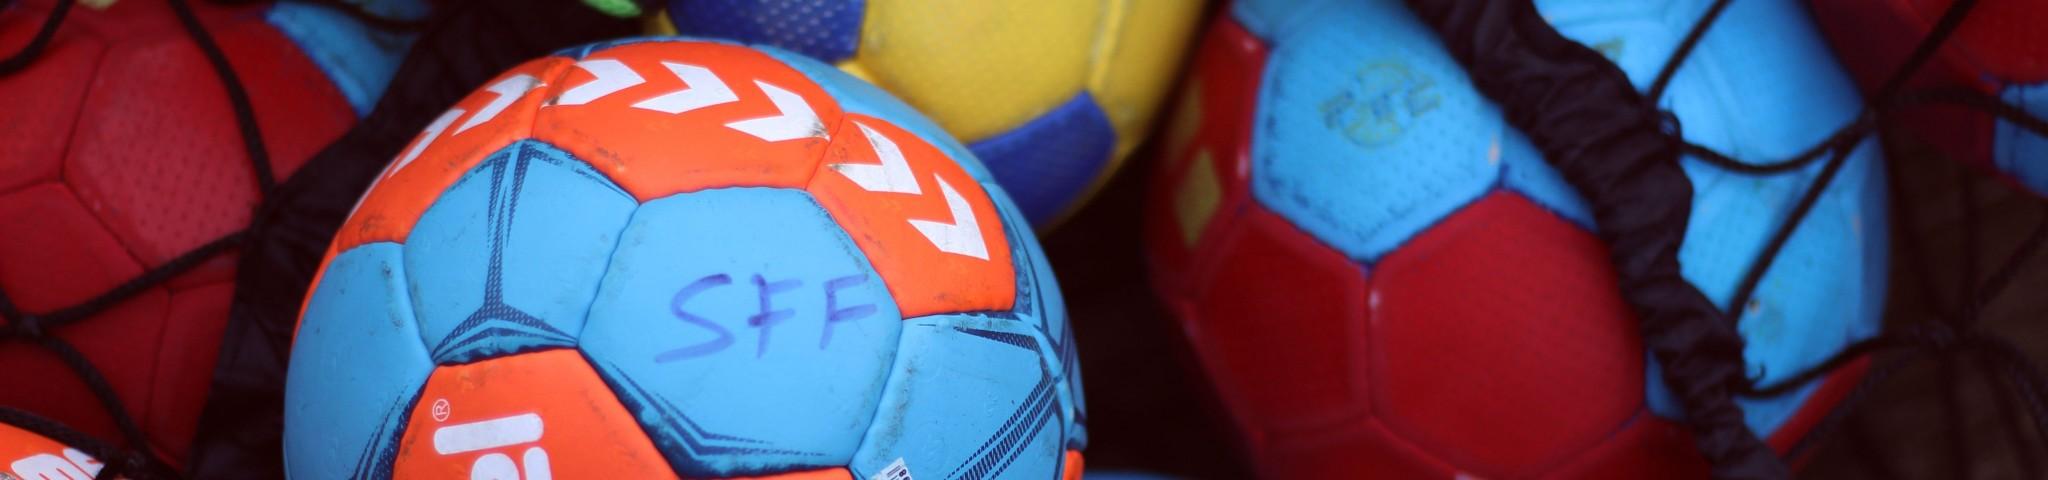 Handball Sportfreunde Föching Holzkirchen